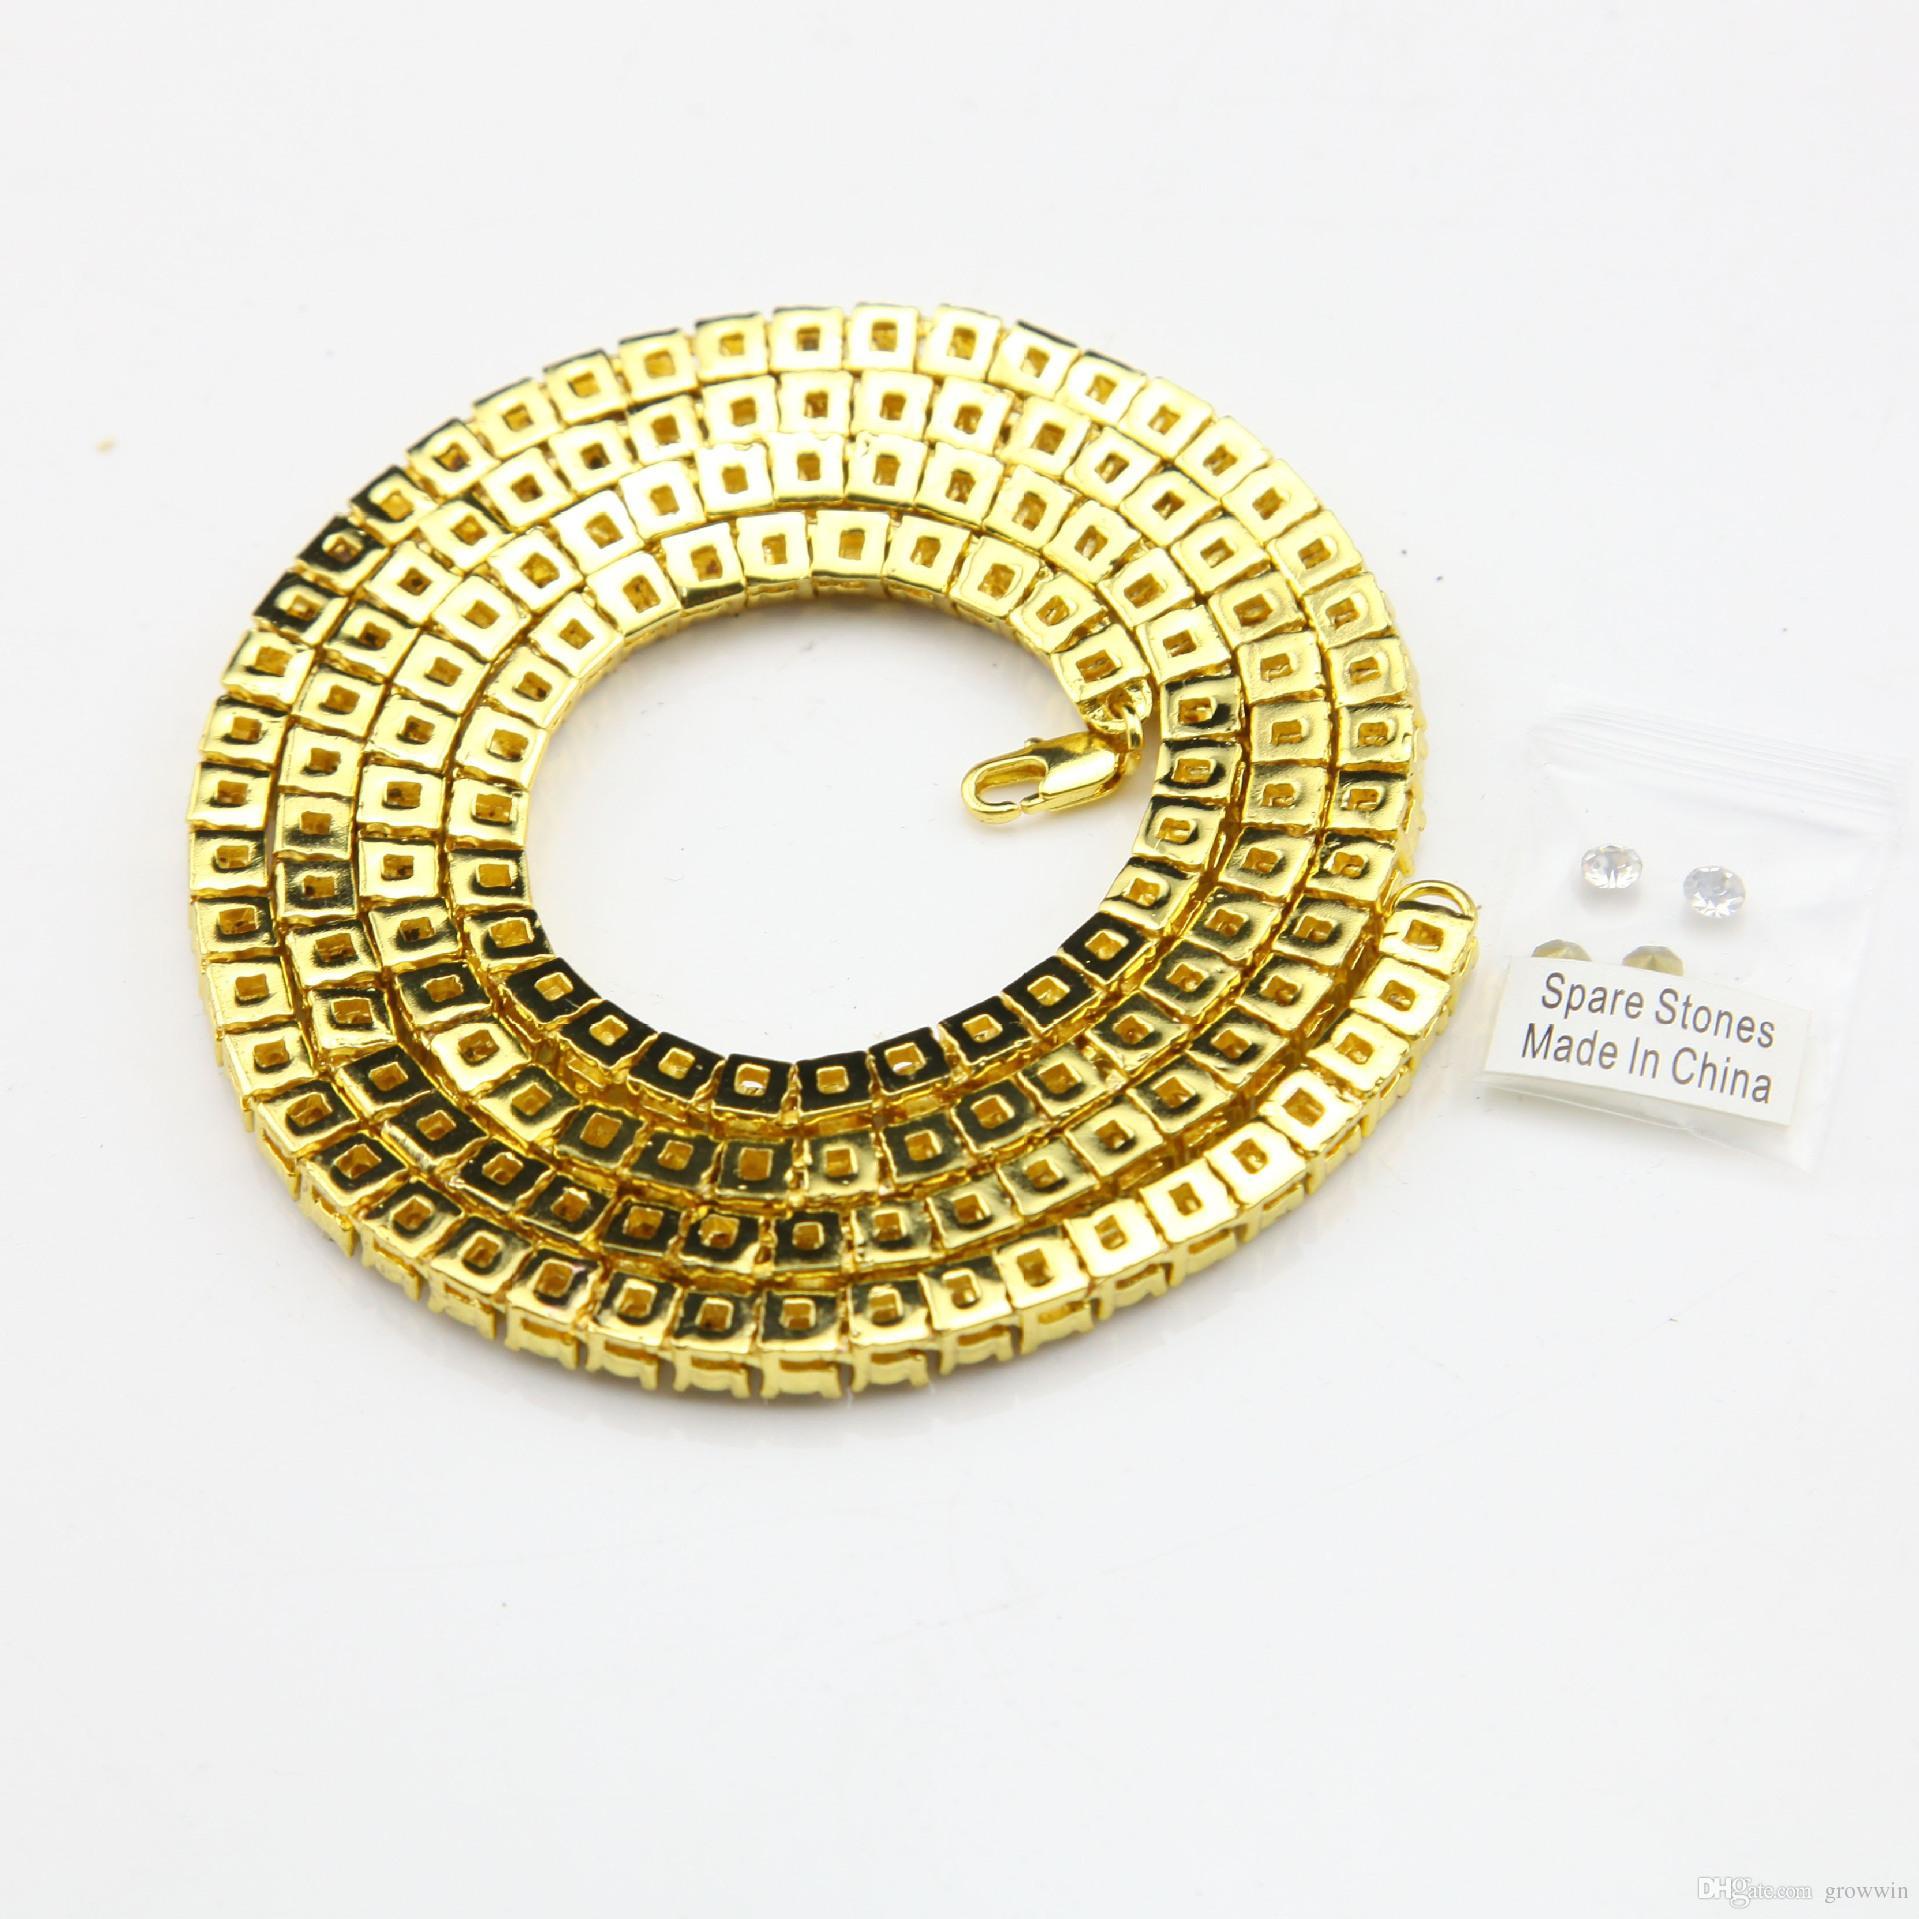 Kristal Elmas Taklidi Kolye Gerdanlık Düğün Çok Sıralı Alaşım Yuvarlak Mücevher Zincir Kolye Rapçi Tıknaz Moda Boys Bling CZ JewelryD0174